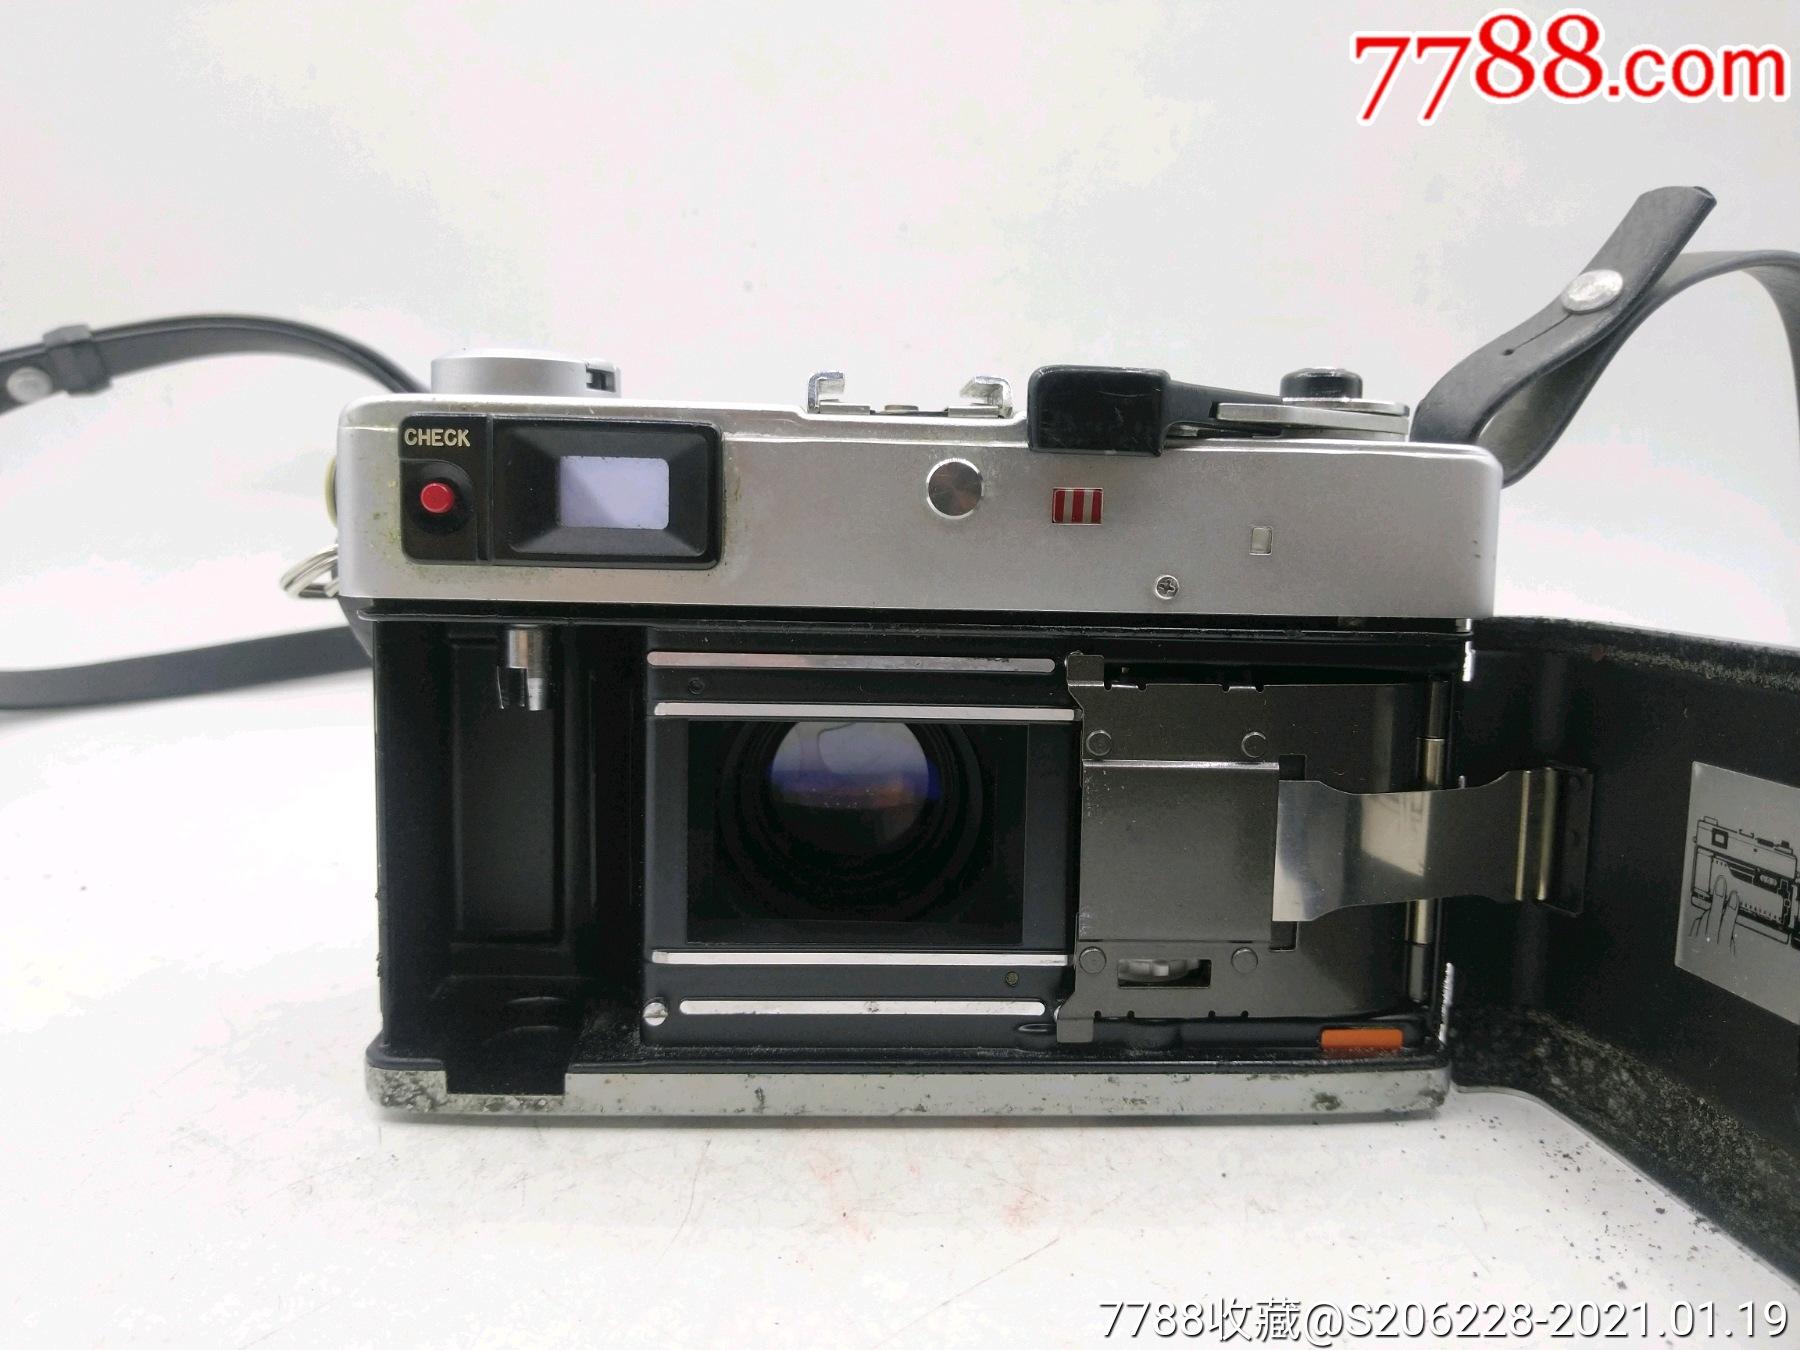 229★Canon_Canonet-QL17旁軸相機/機身編號:643049_價格260元_第19張_